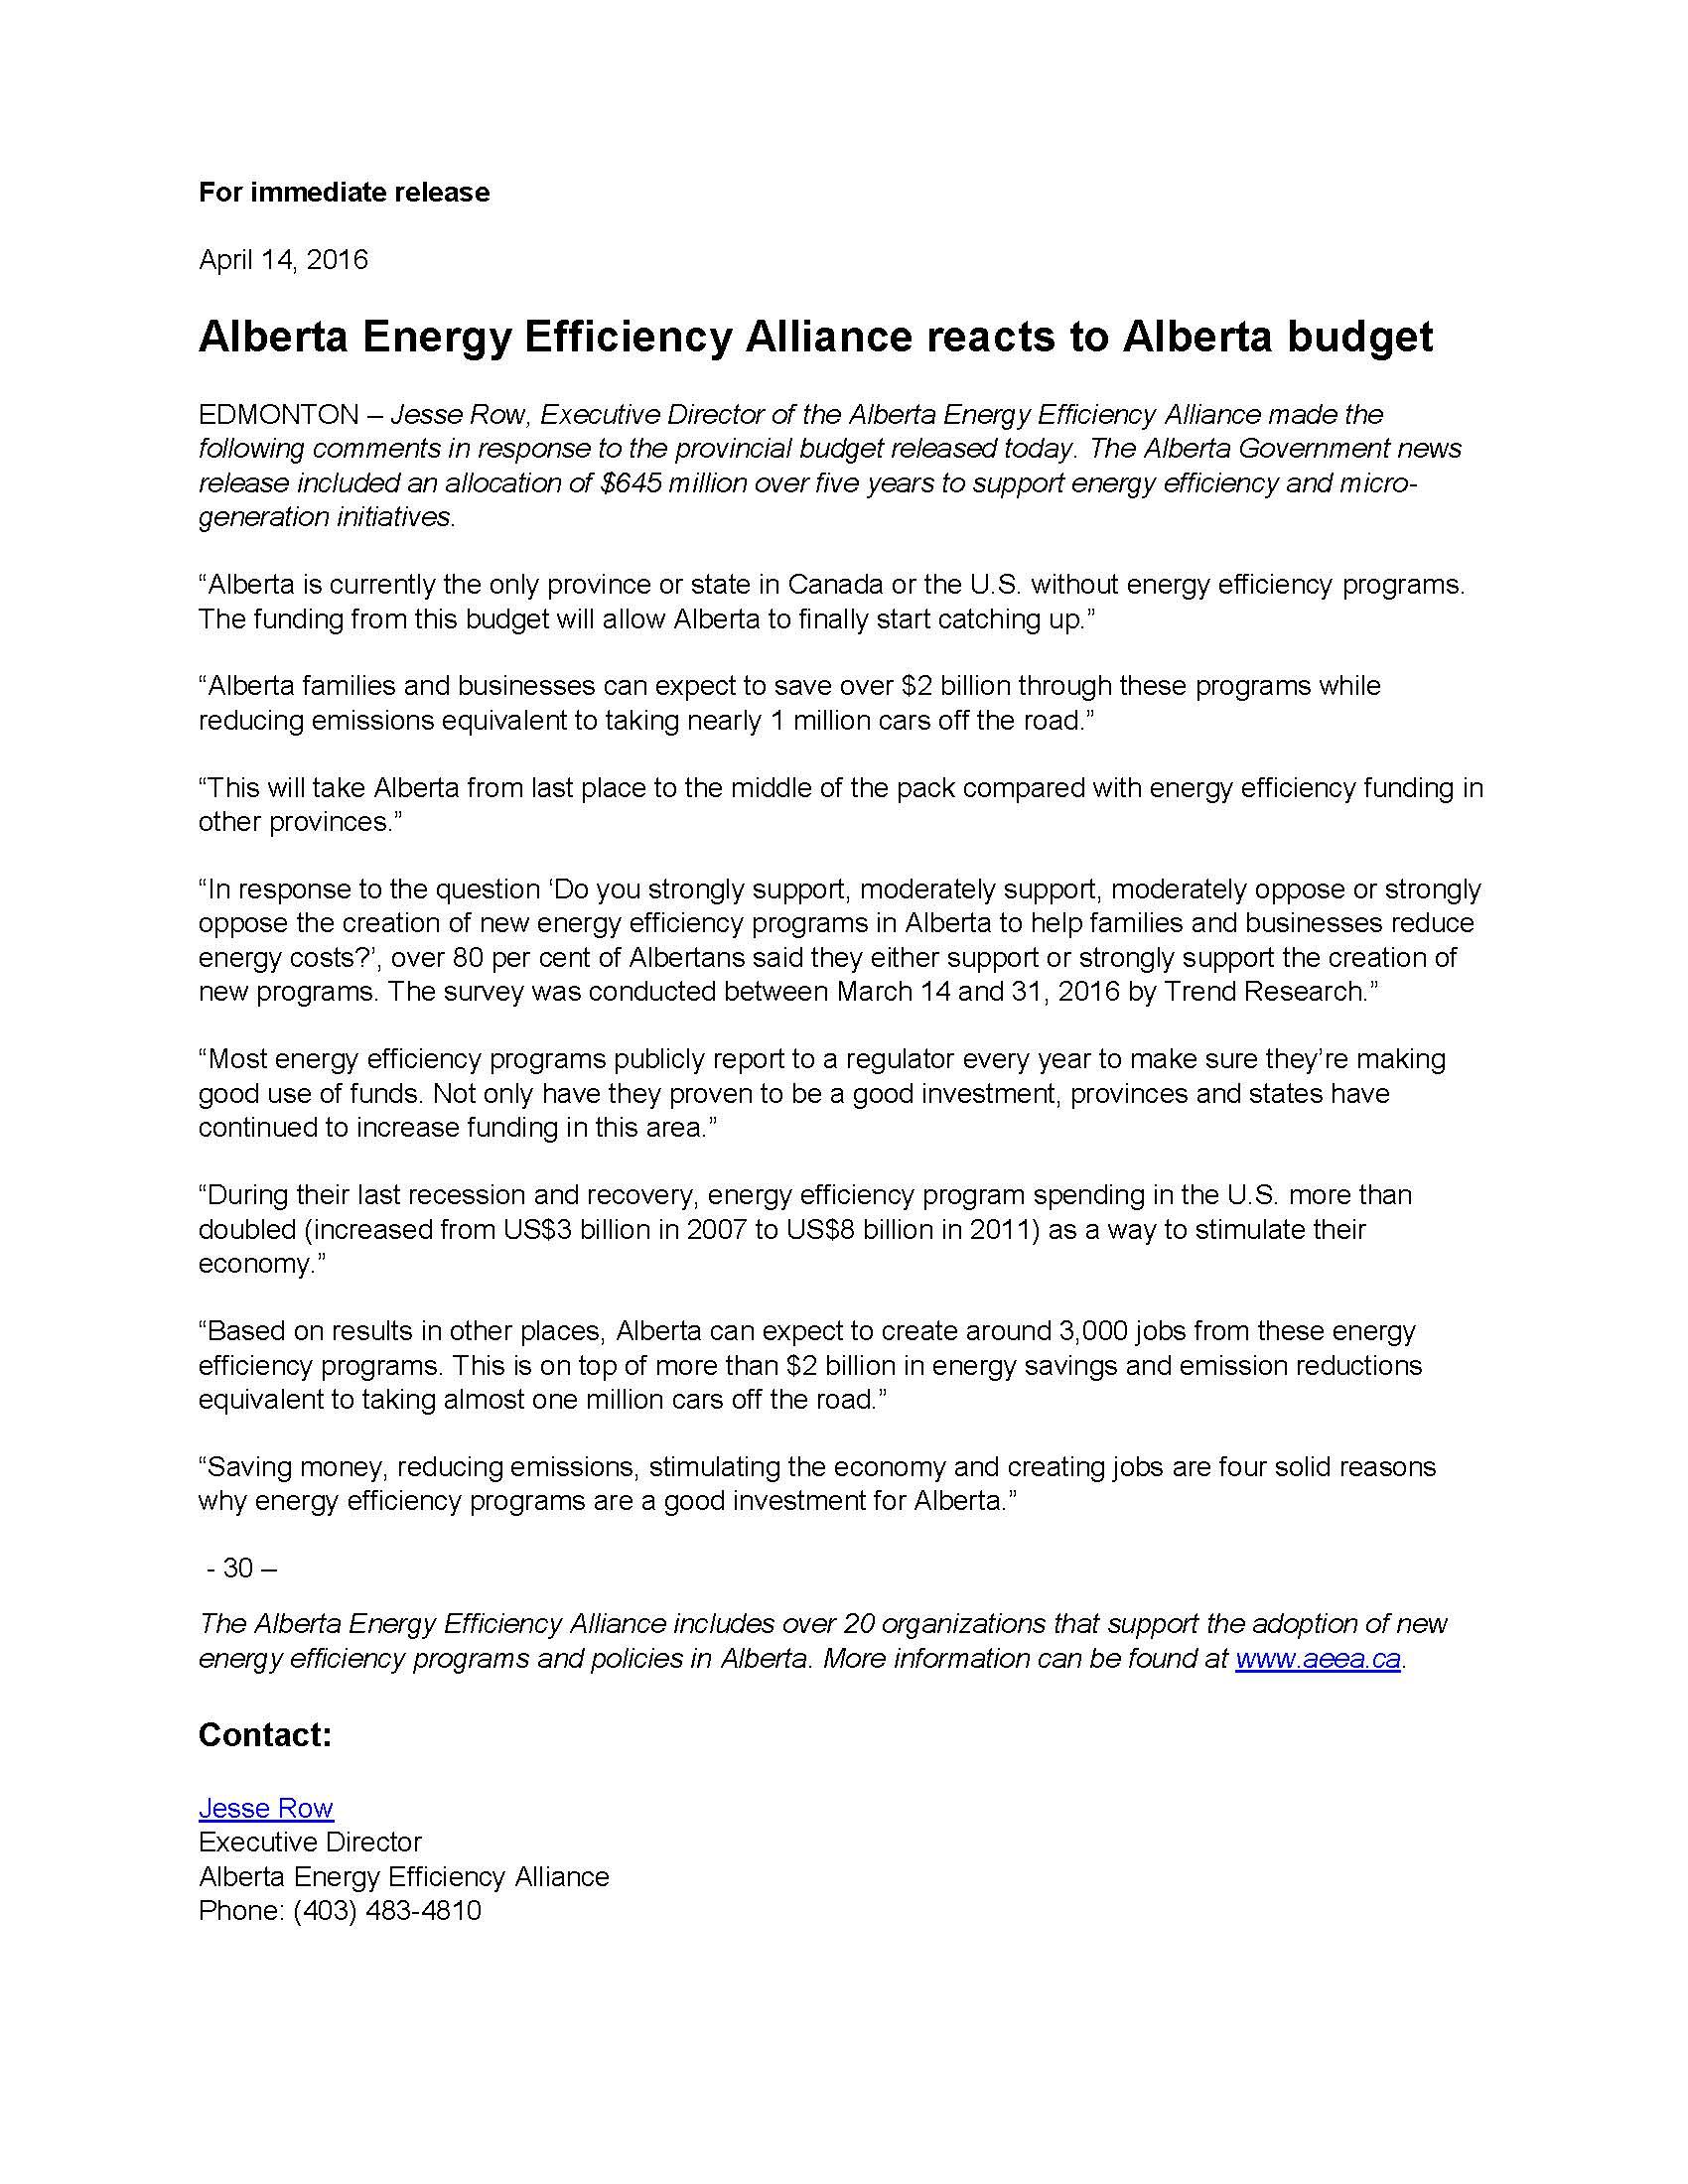 aeea-response-ab-budget-apr-14-2016.jpg